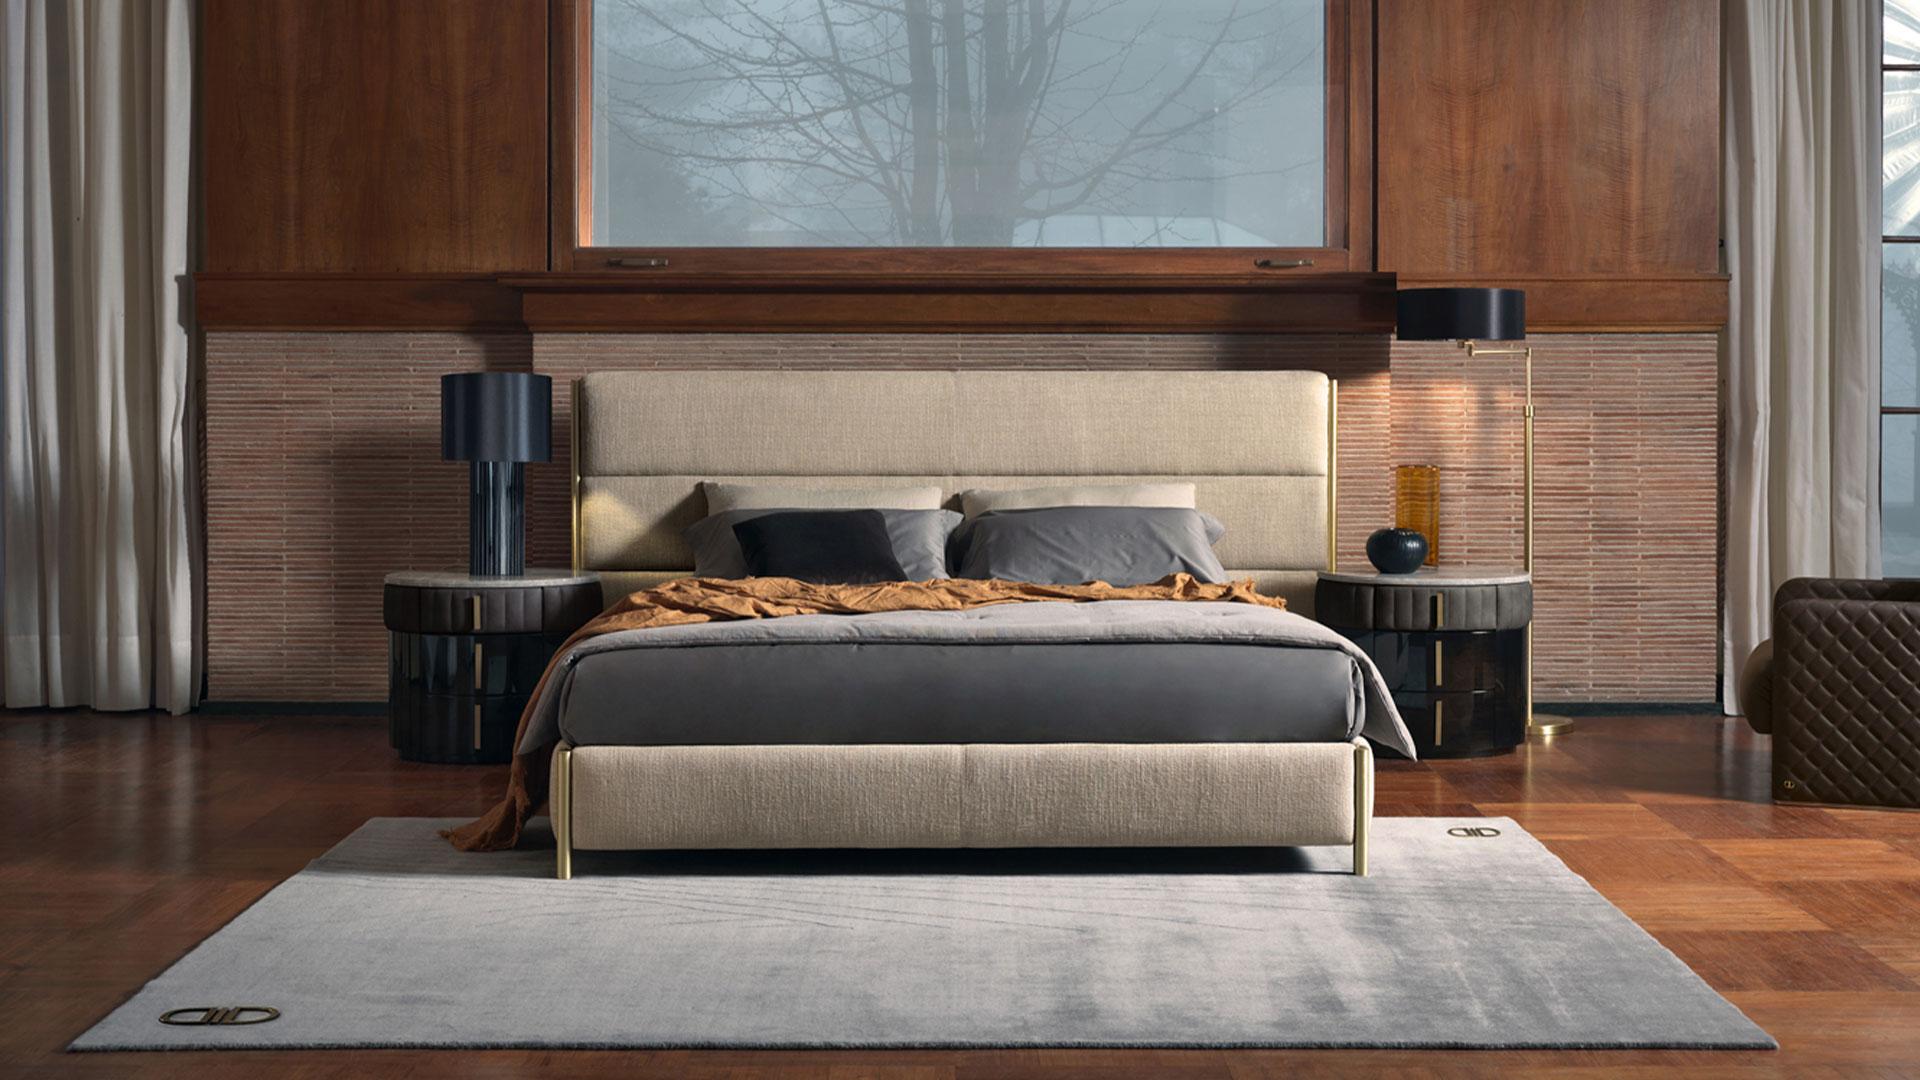 Arredamento camera da letto- le proposte Casa Design Arredamenti